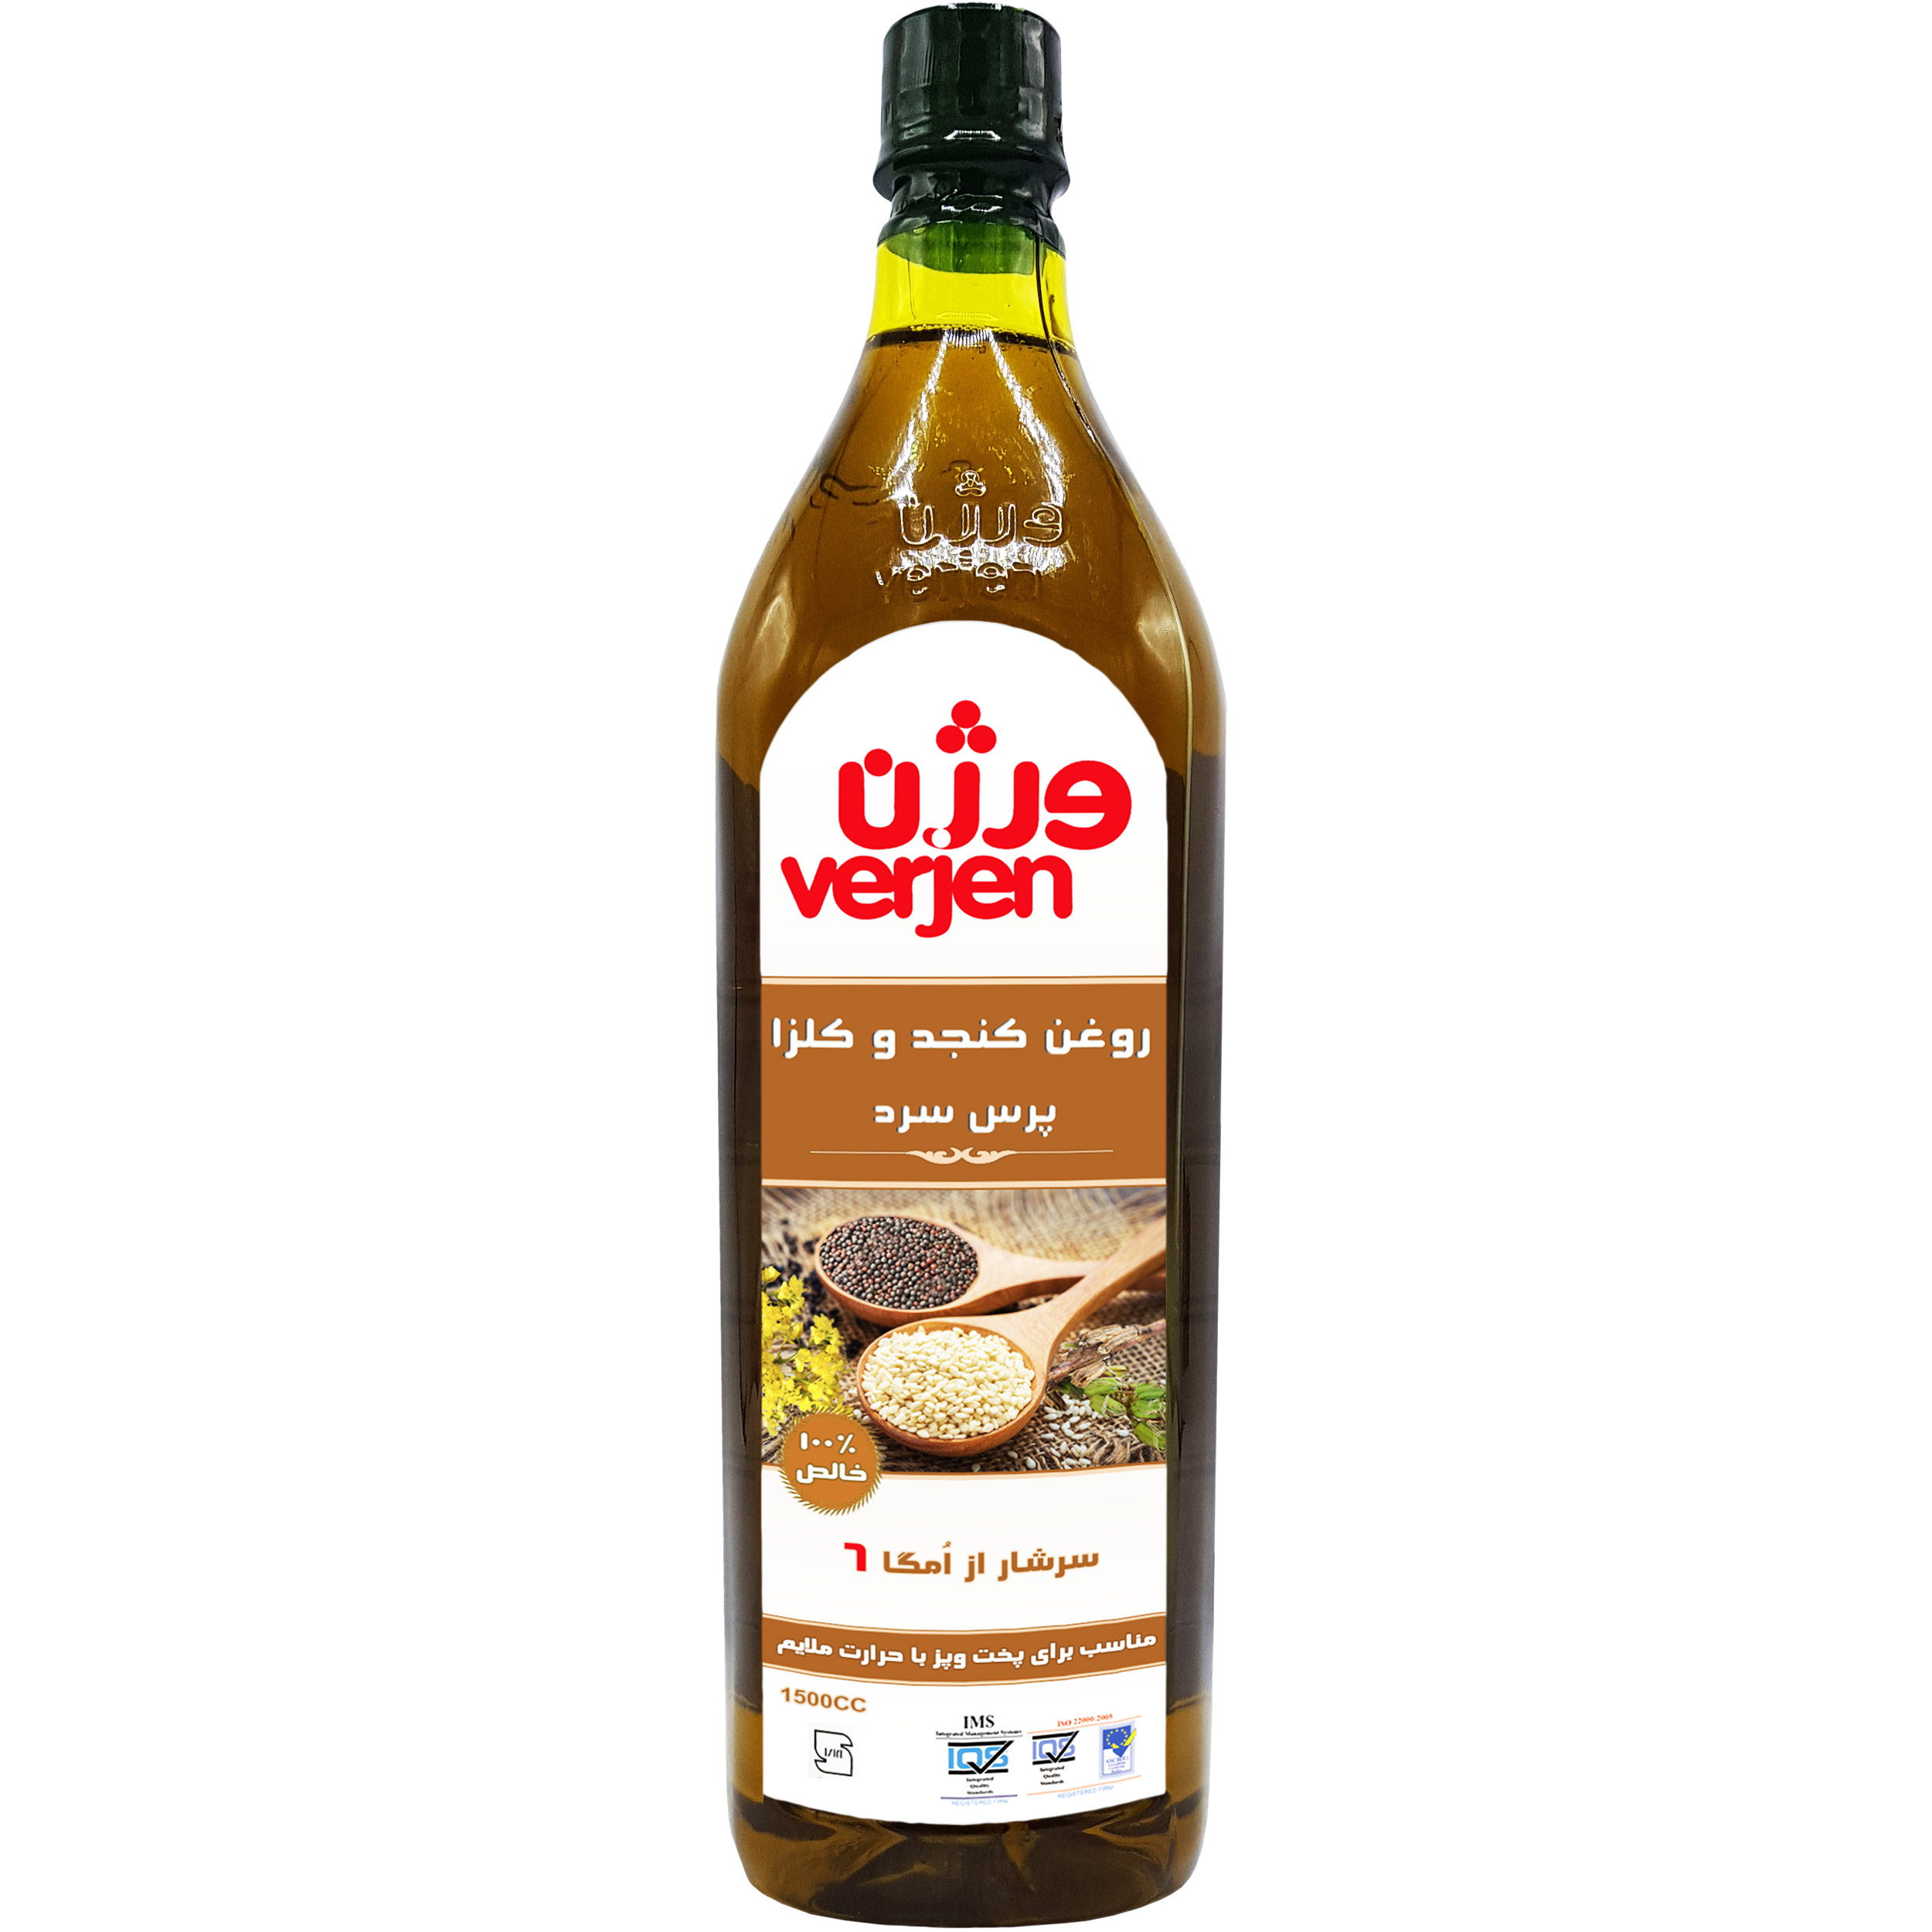 روغن کنجد و کلزا فرابکر ورژن - 1.5 لیتر